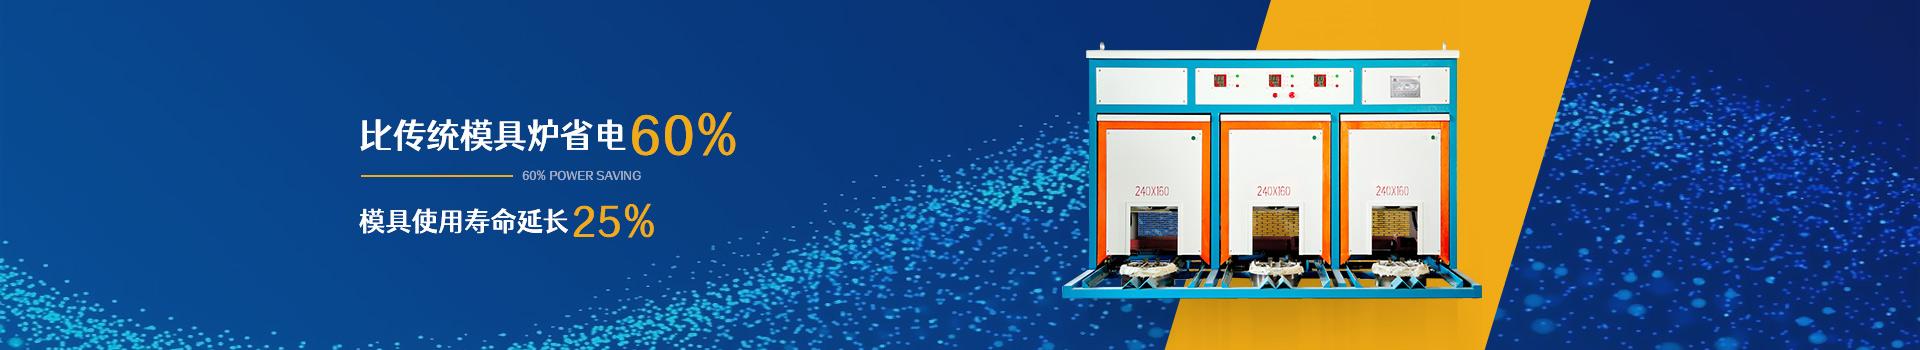 科鼎数控模具电磁加热炉比传统模具炉省电60%